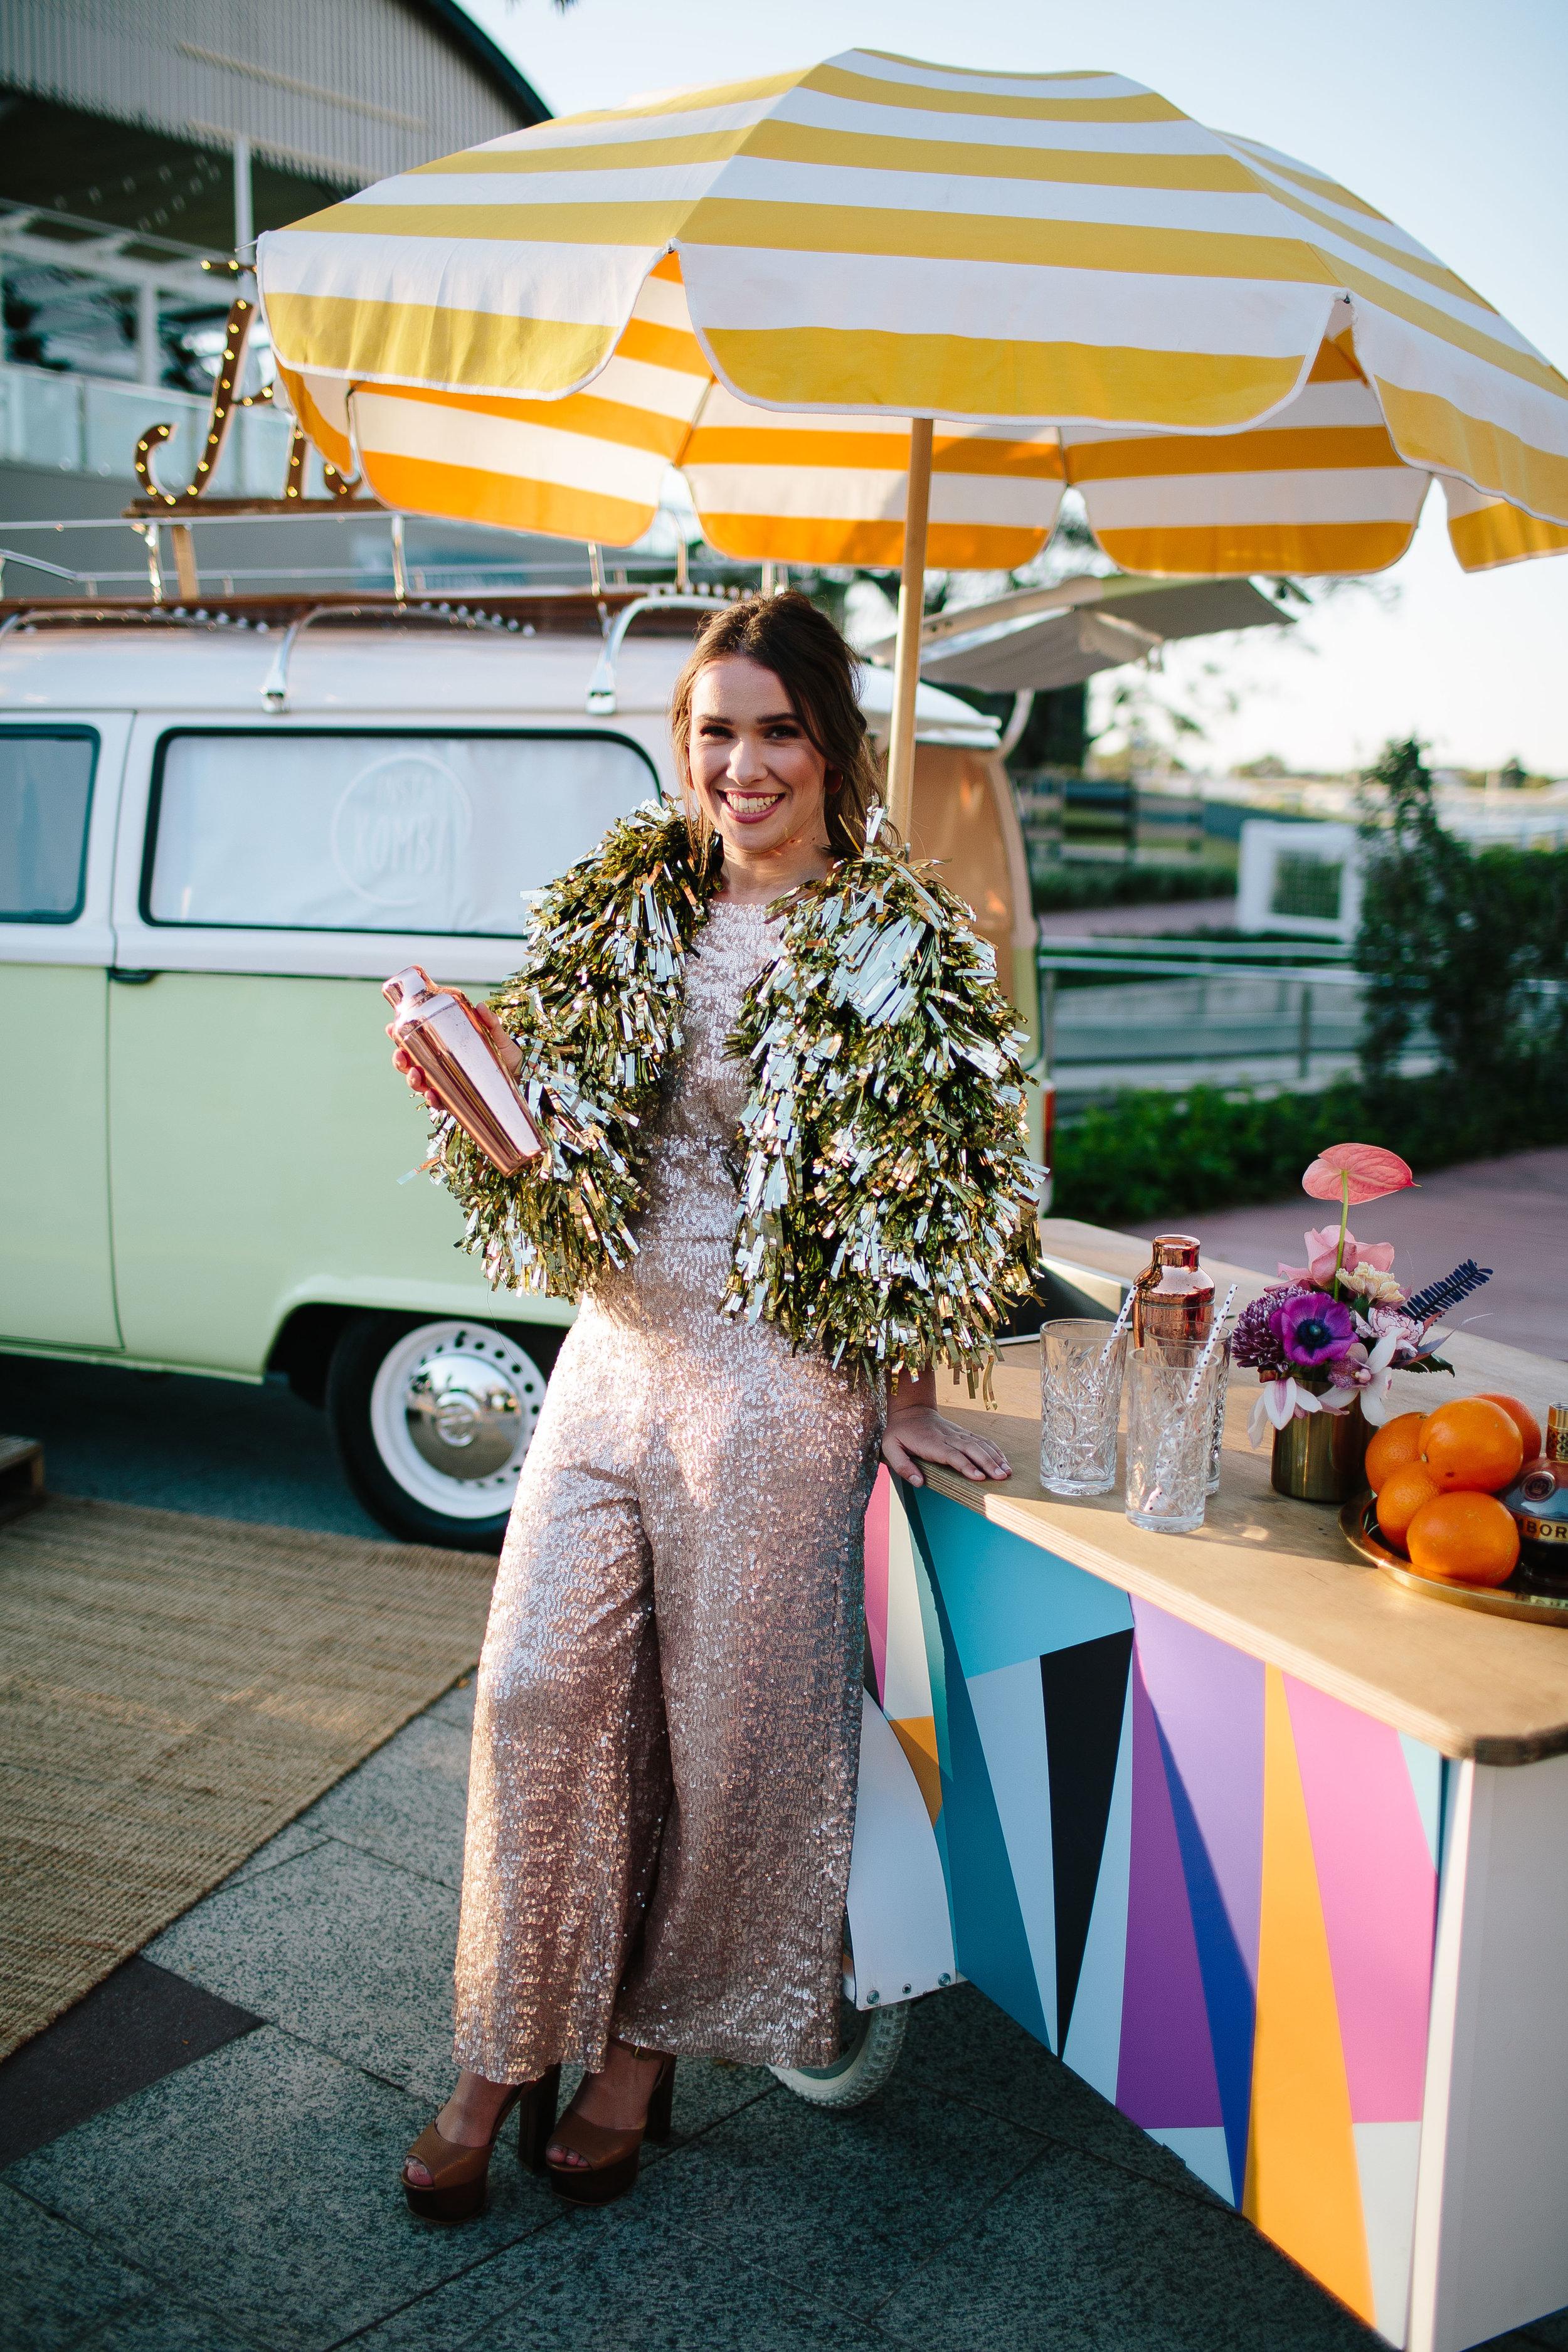 brisbane-fun-wedding-ideas-bar-cart-byo